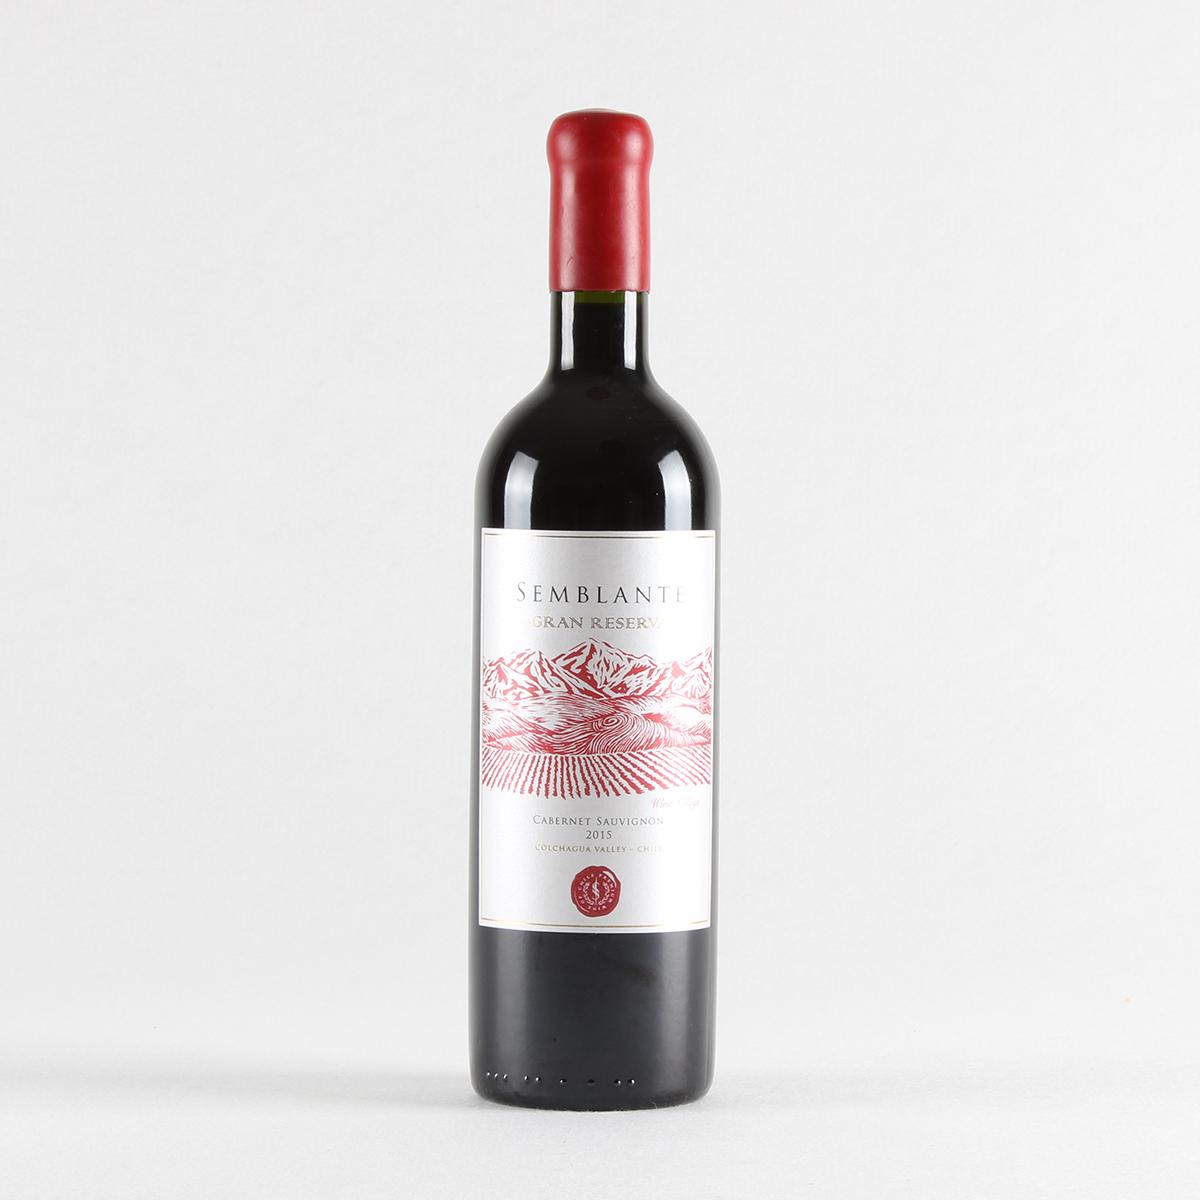 风彩赤霞珠佳酿干红葡萄酒